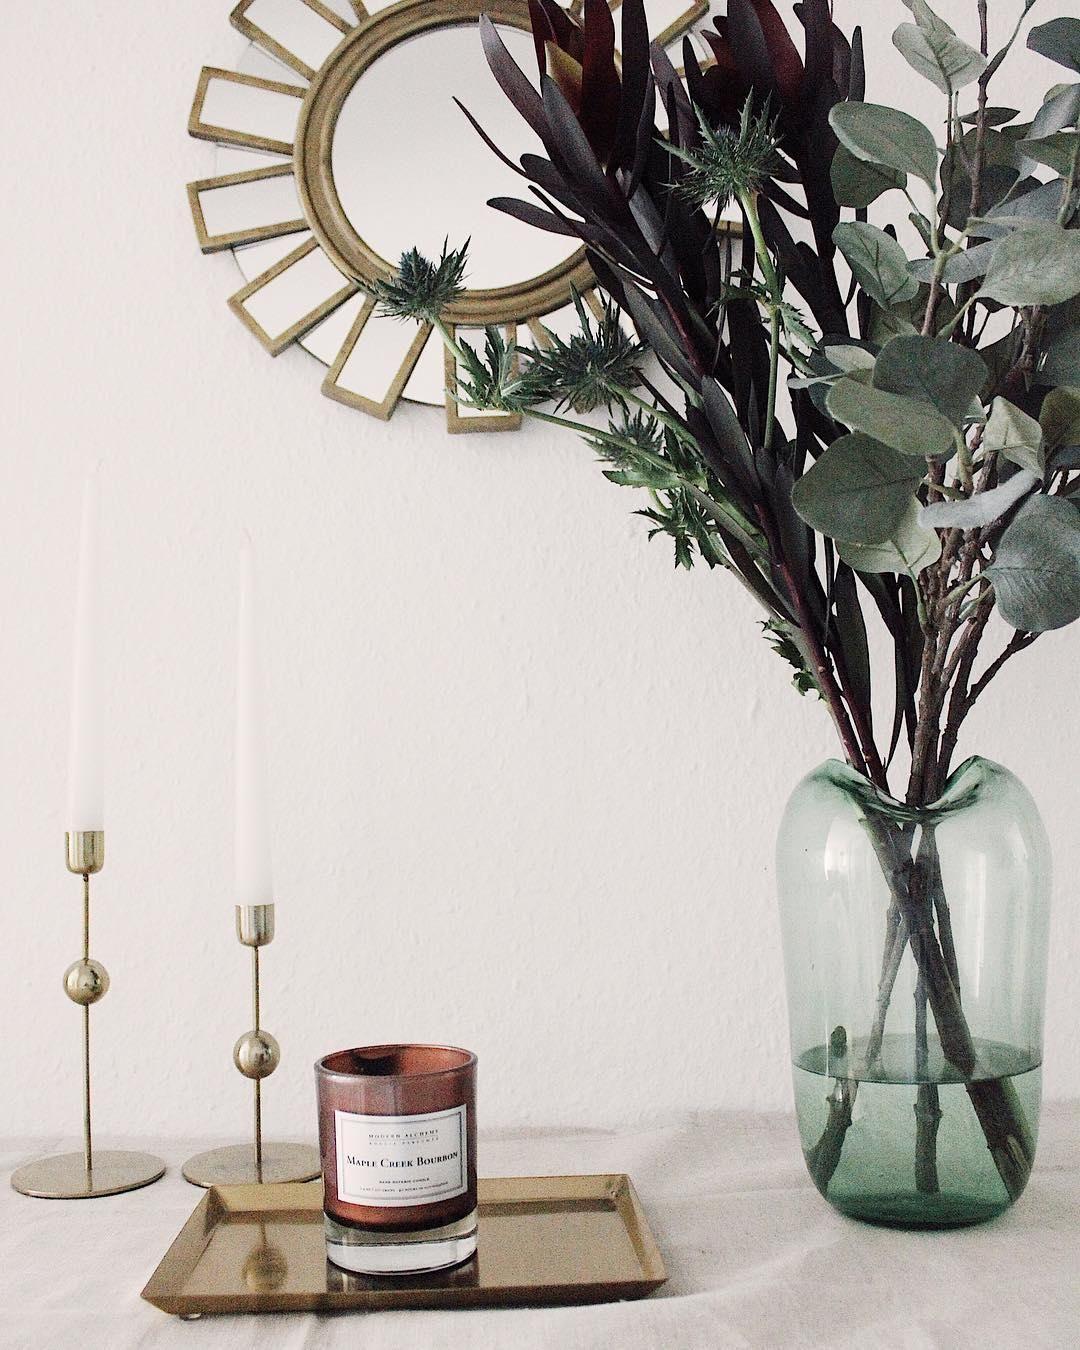 Esszimmer ideen mit spiegeln wunderschöne details ein goldener spiegel elegante kerzenhalter